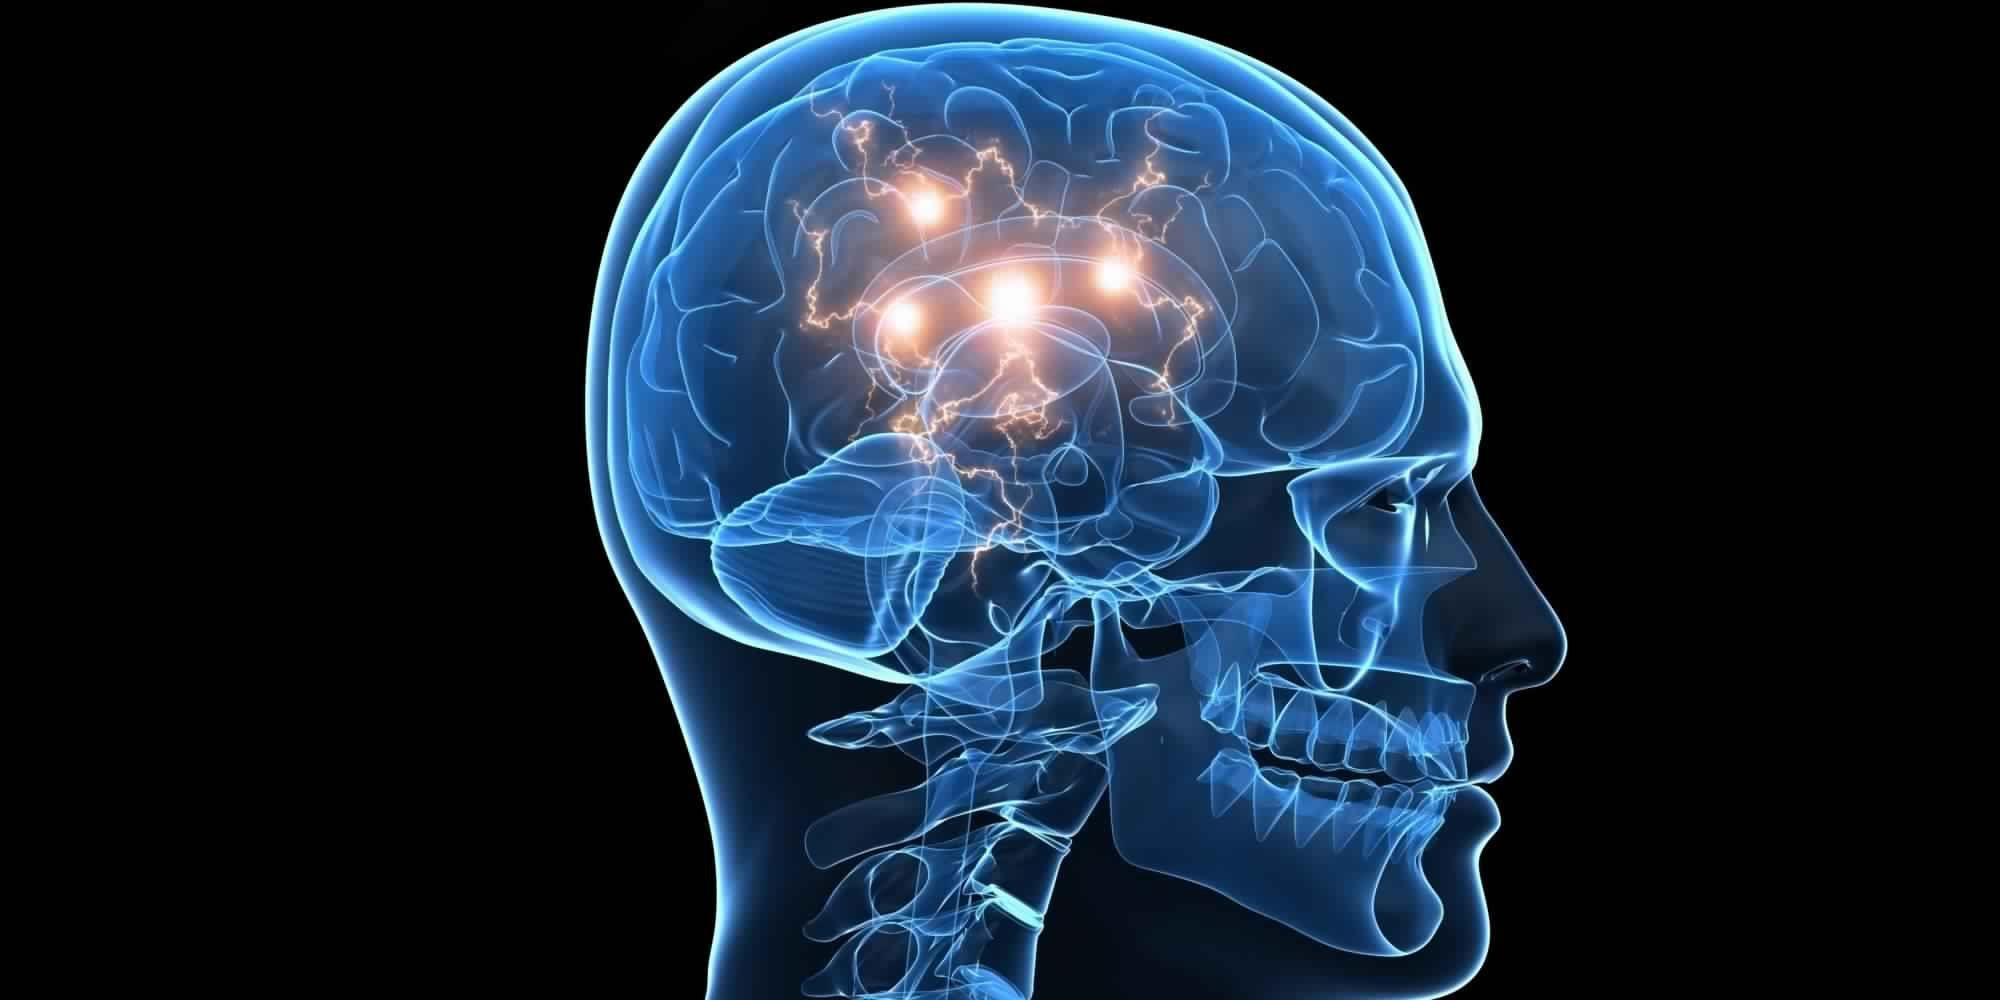 Come muoiono le cellule del cervello per effetto della cocaina